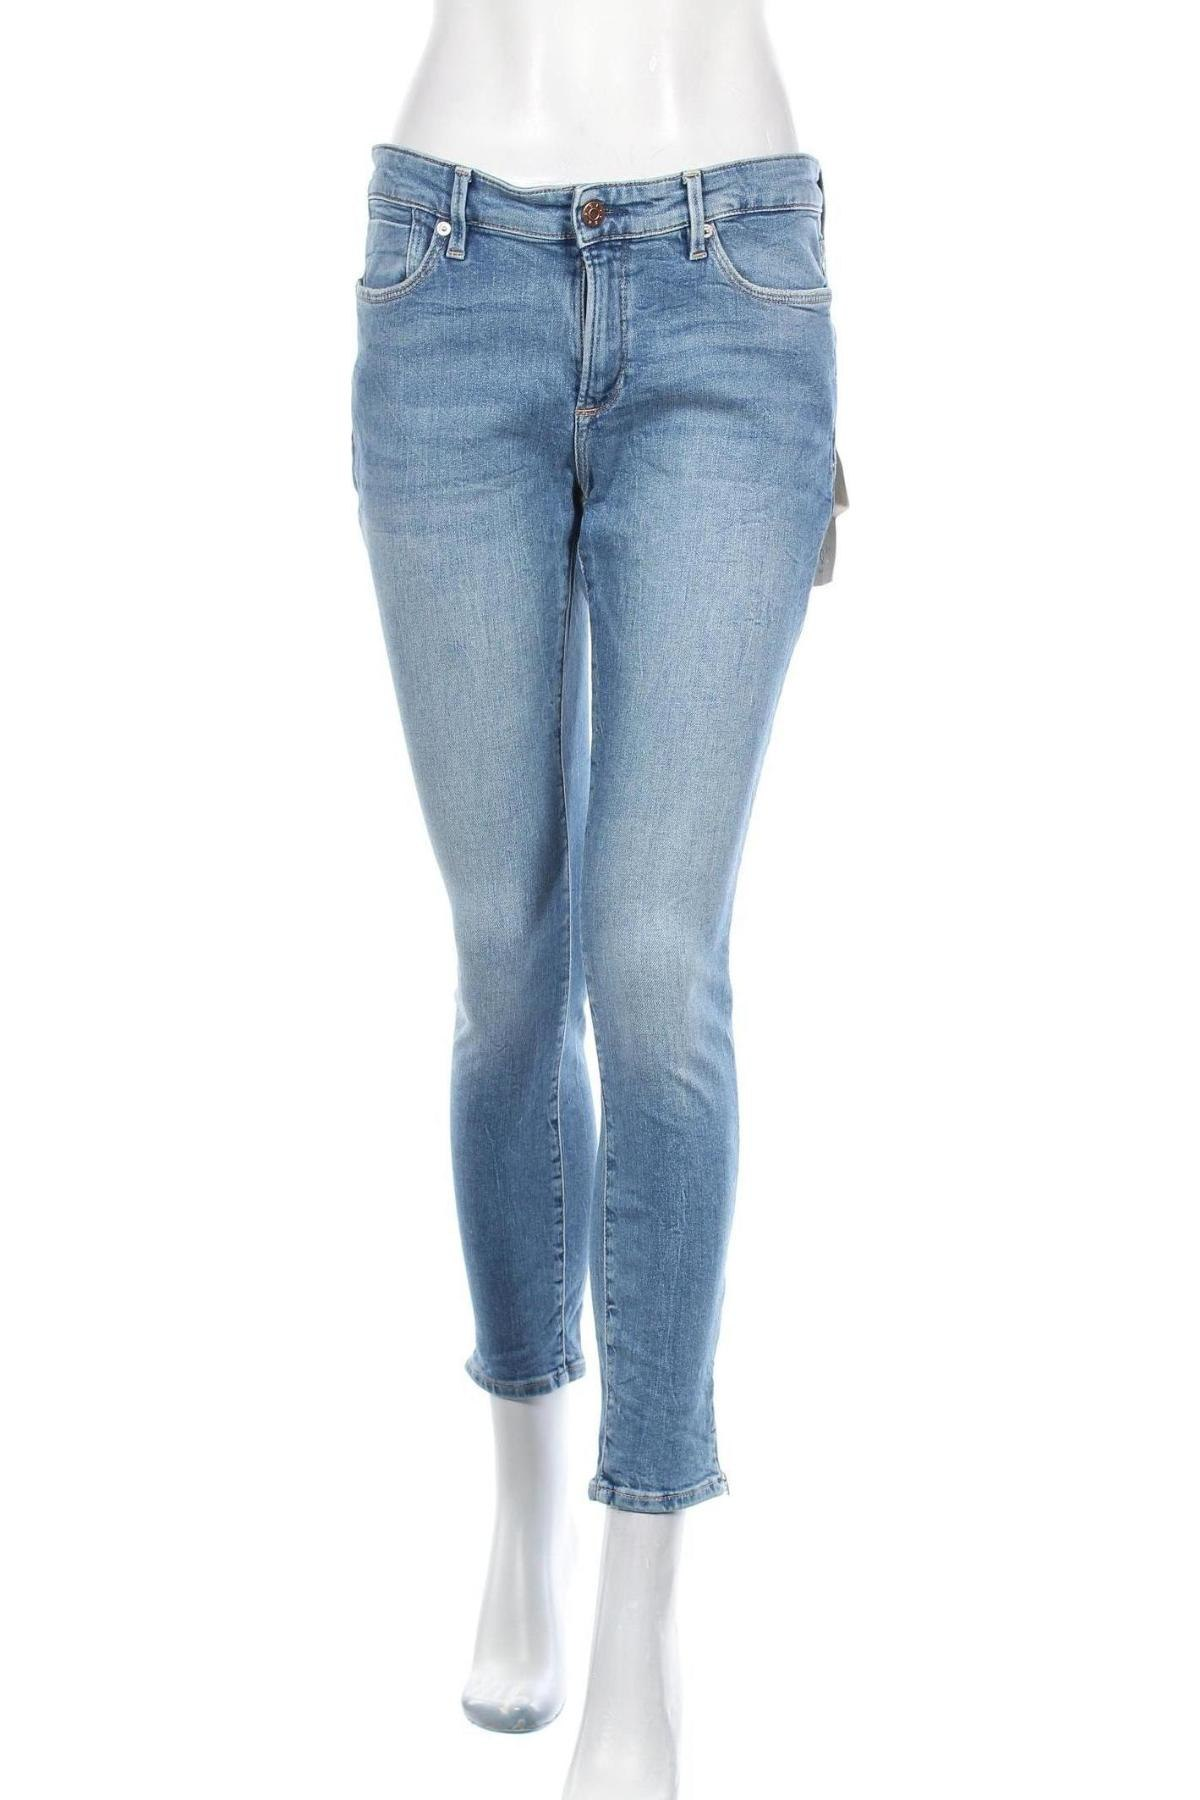 Дамски дънки S.Oliver, Размер M, Цвят Син, 99% памук, 1% еластан, Цена 64,50лв.